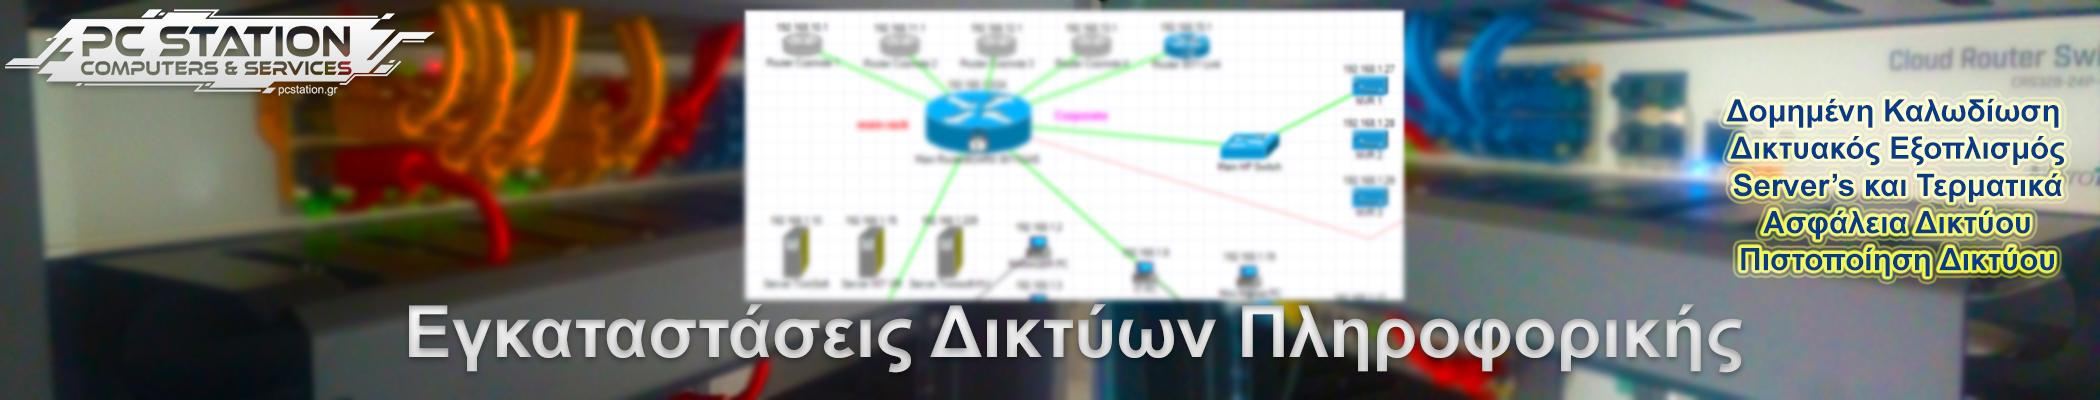 Εγκατάσταση Δικτύων